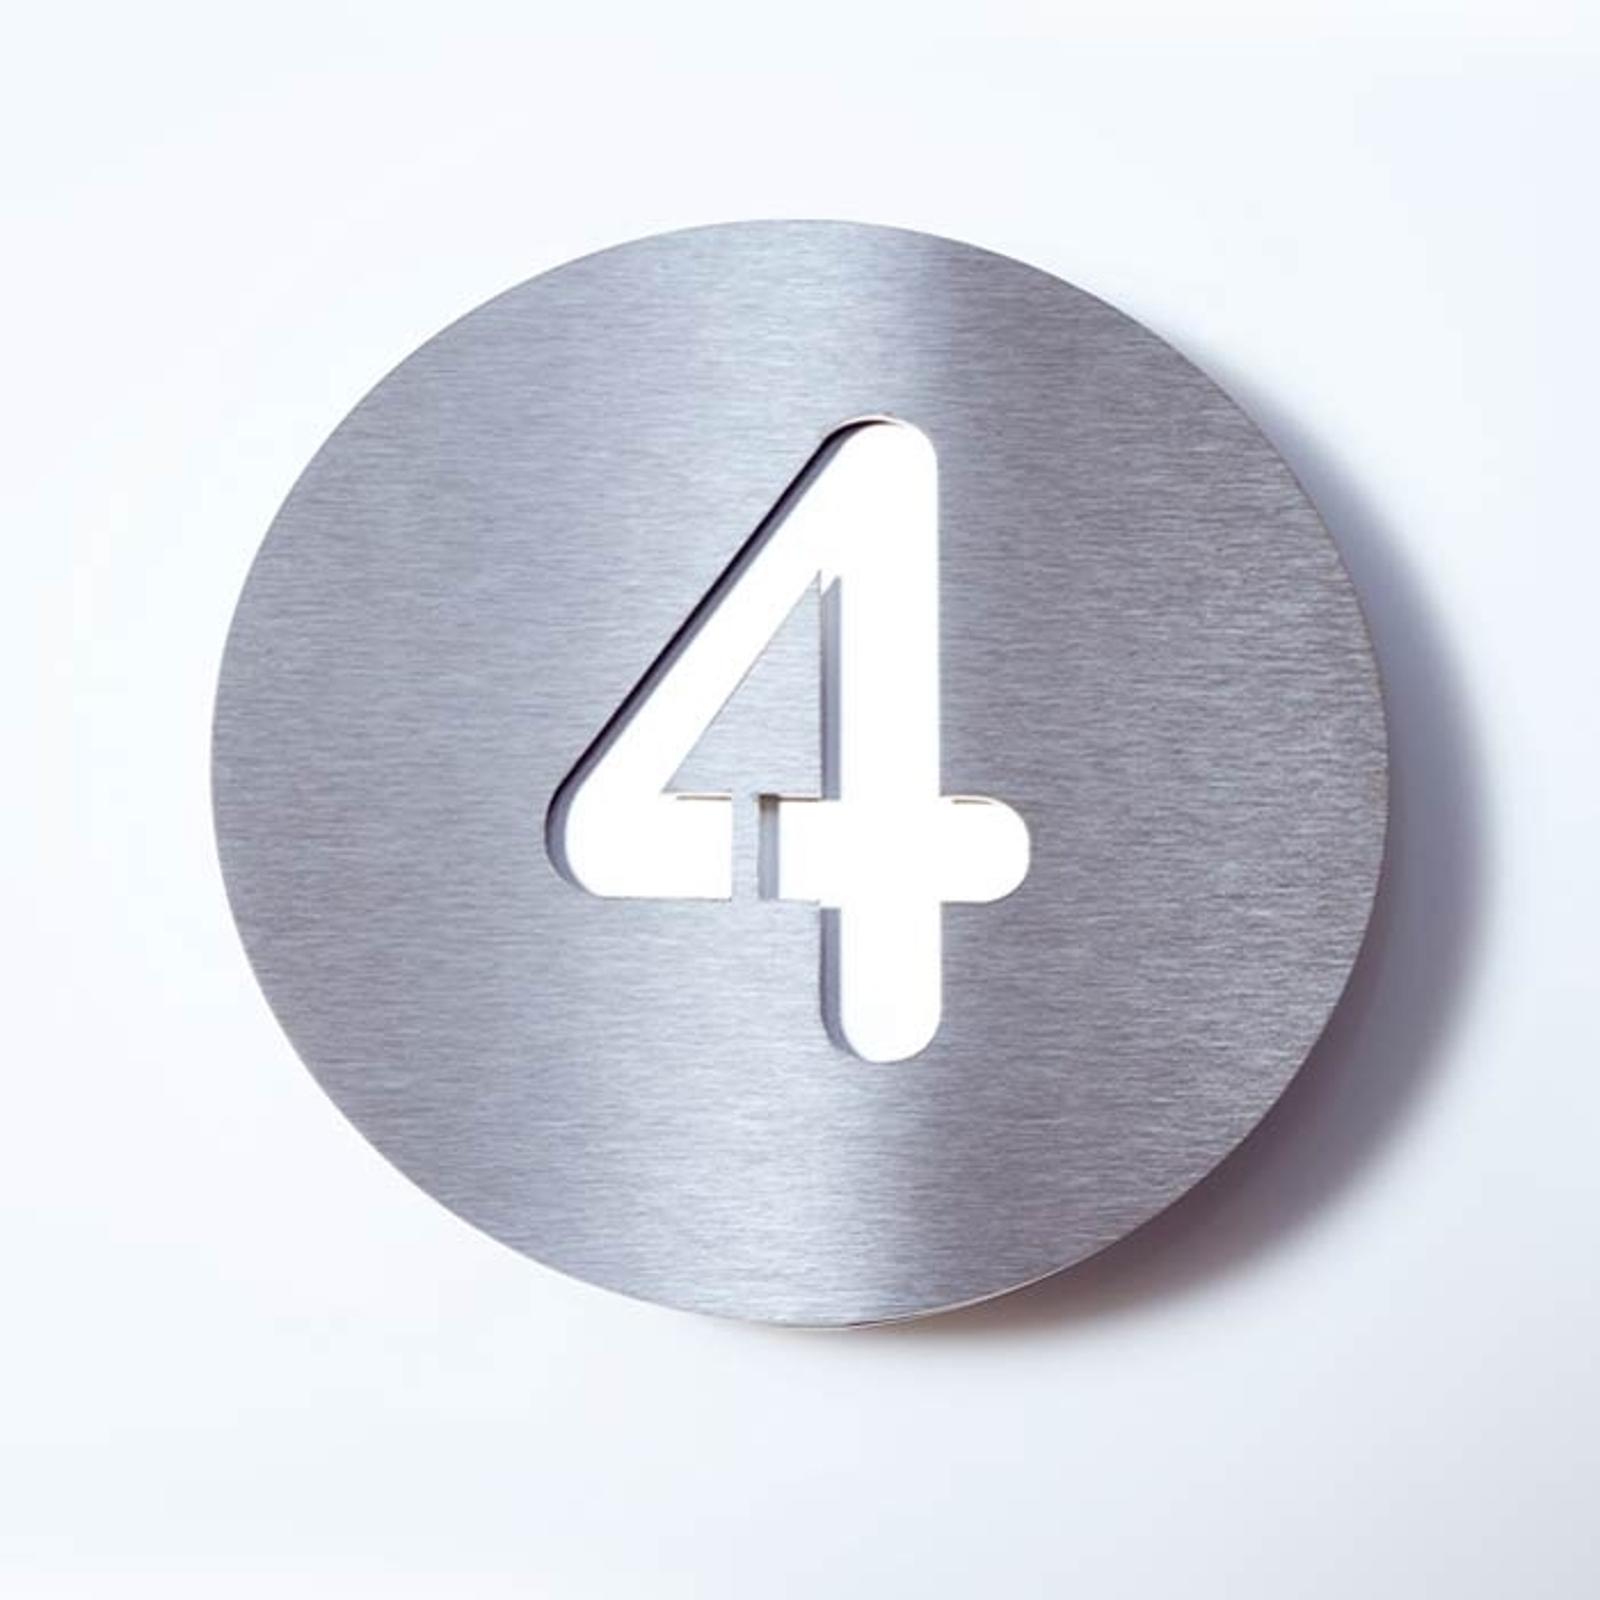 Número de casa Round de acero inoxidable - 4